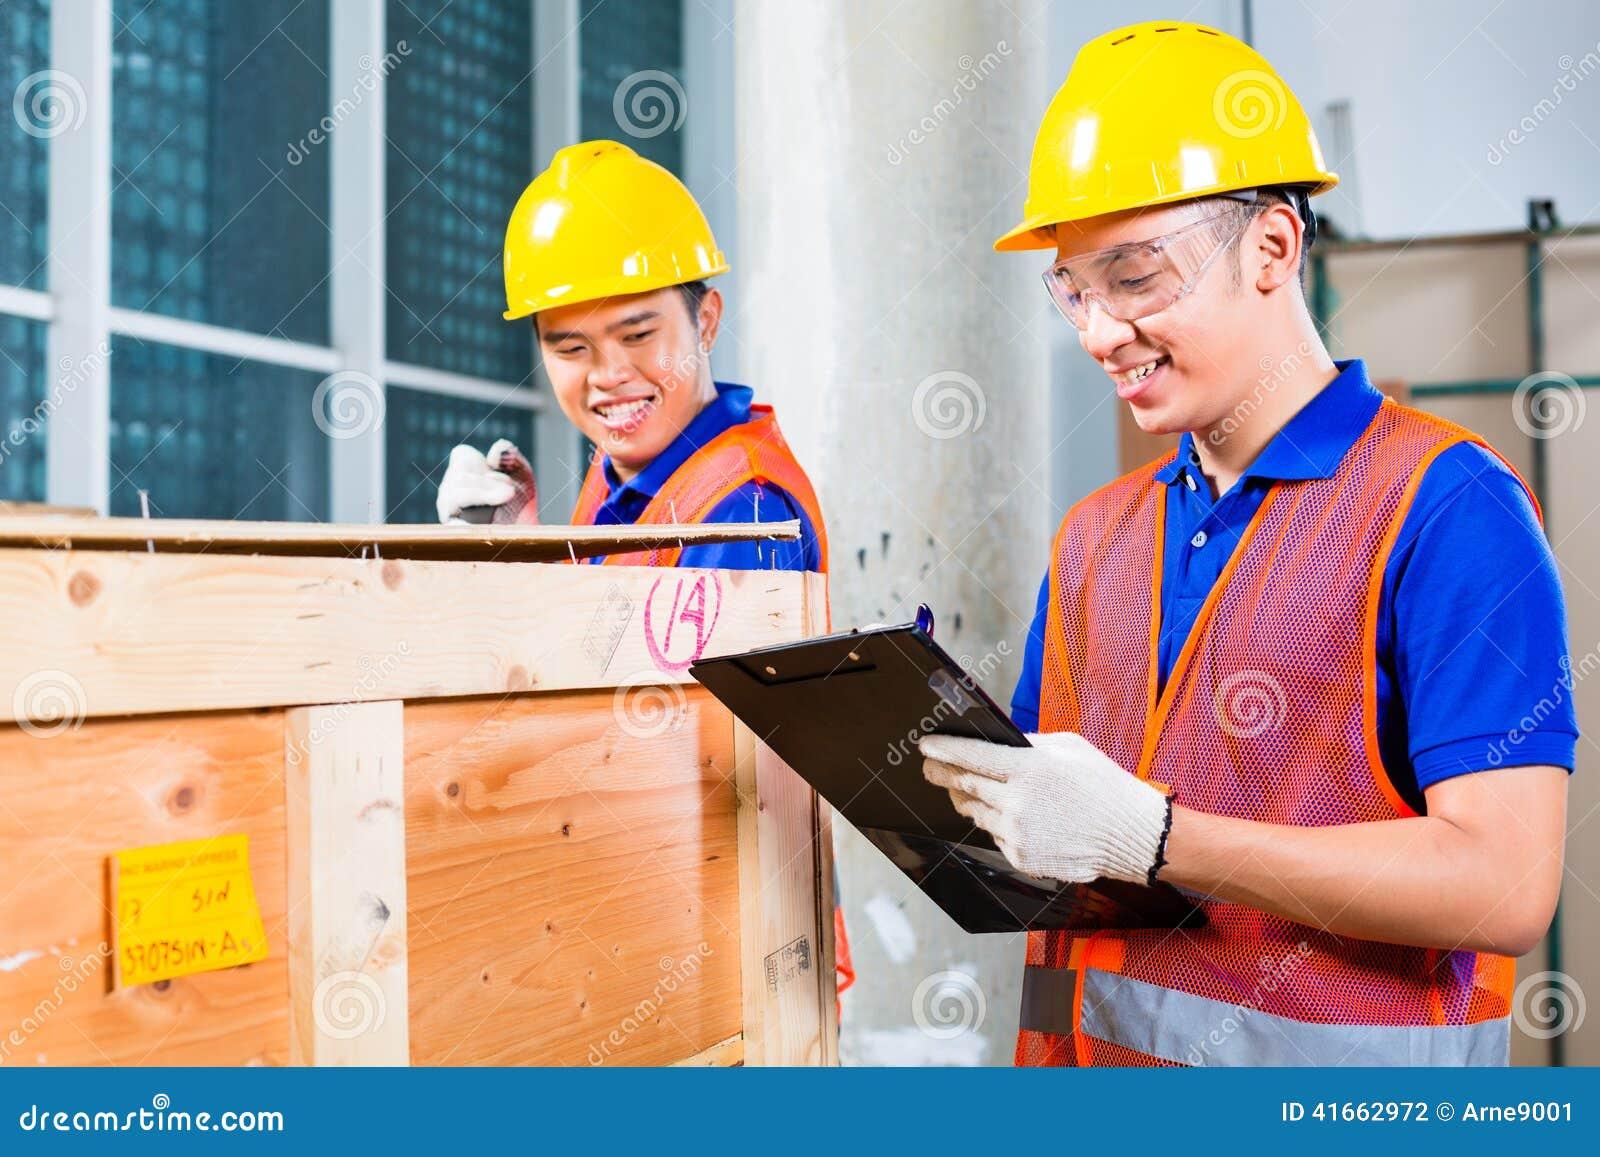 Азиатские рабочий-строители на месте раскрывают деревянную коробку